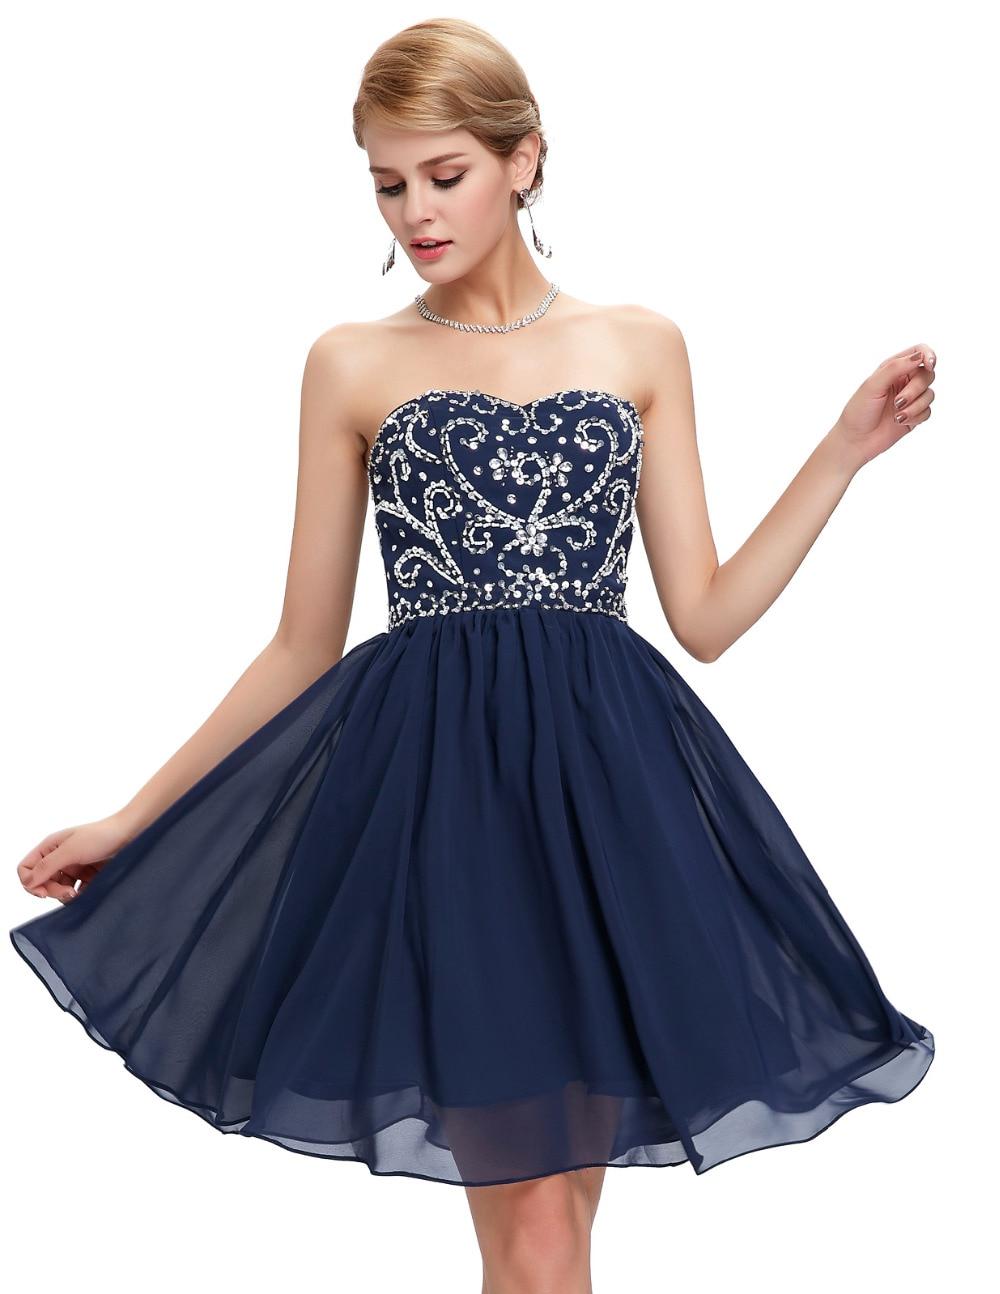 Royal Blue Cocktail Dress Under $50